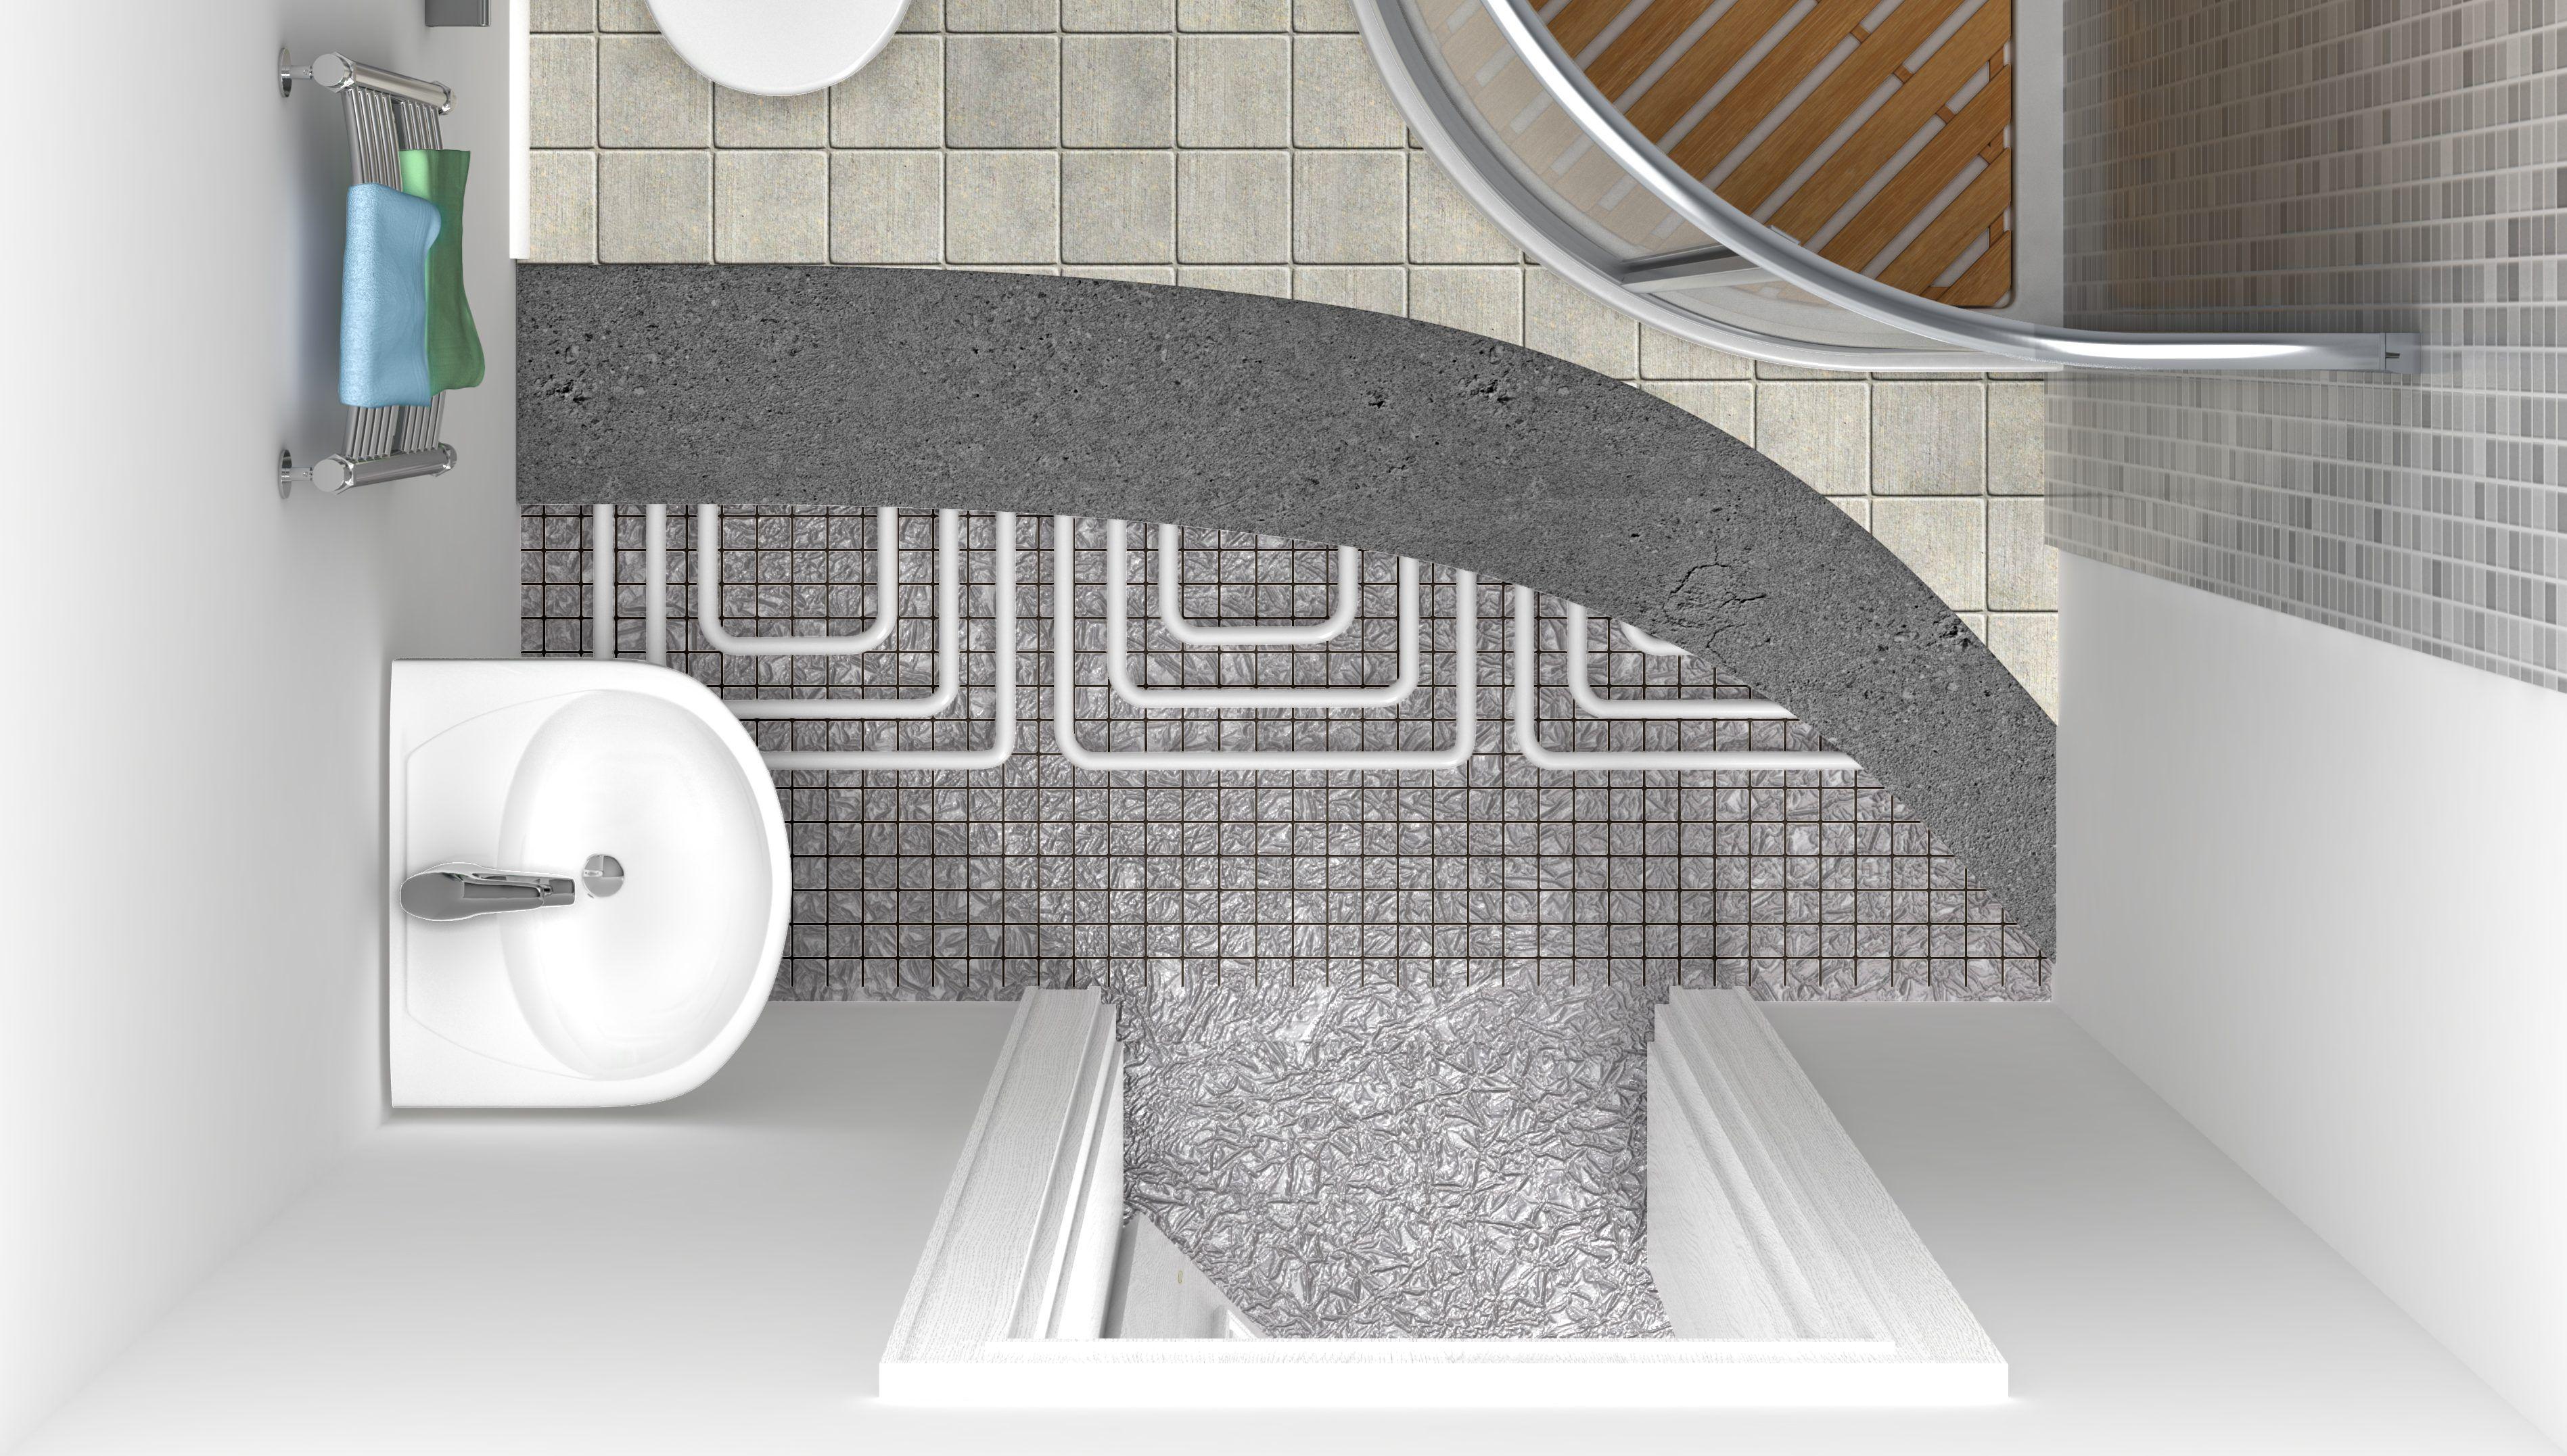 Vloerverwarming Badkamer Elektrisch : Badkamer verwarmen wat is de beste badkamer verwarming?